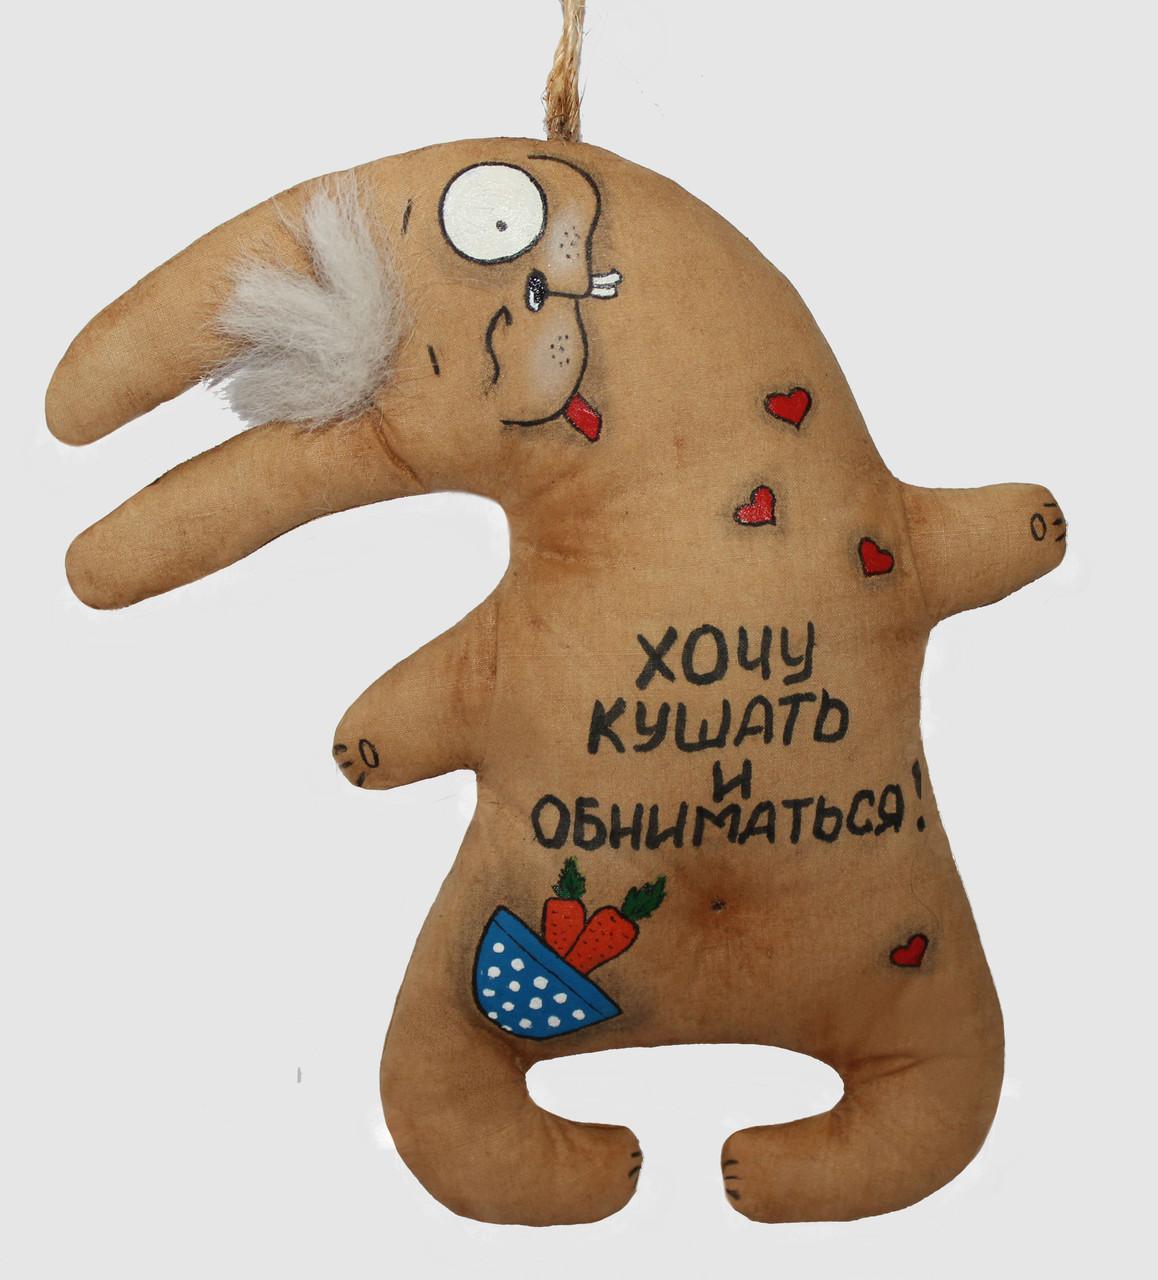 """Кофейный позитивчик (с запахом кофе, корицы и ванили) - Интернет-магазин """"Колибри"""" в Чернигове"""